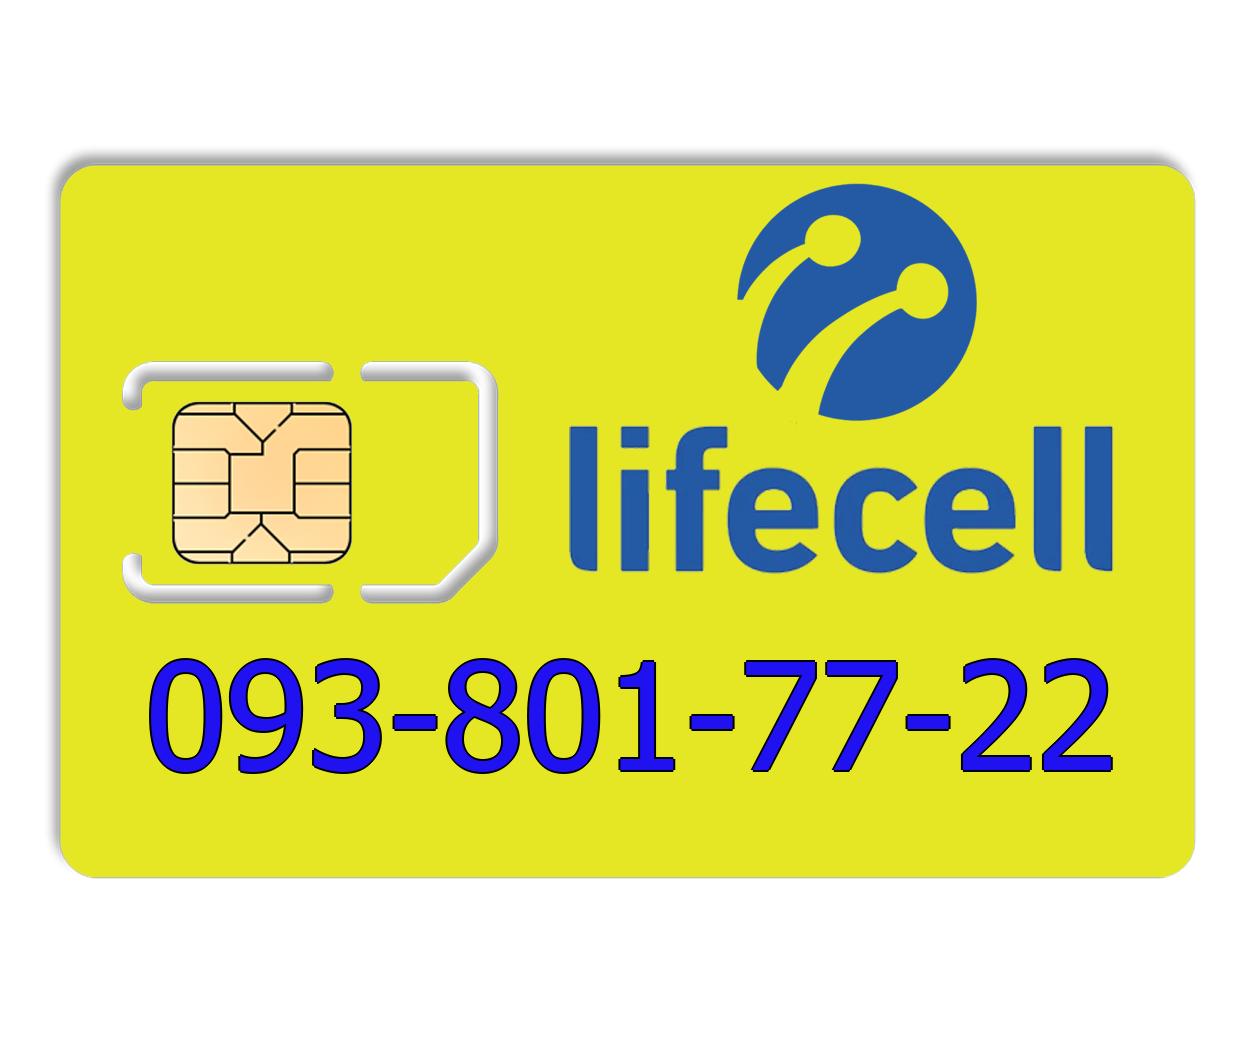 Красивый номер lifecell 093-801-77-22